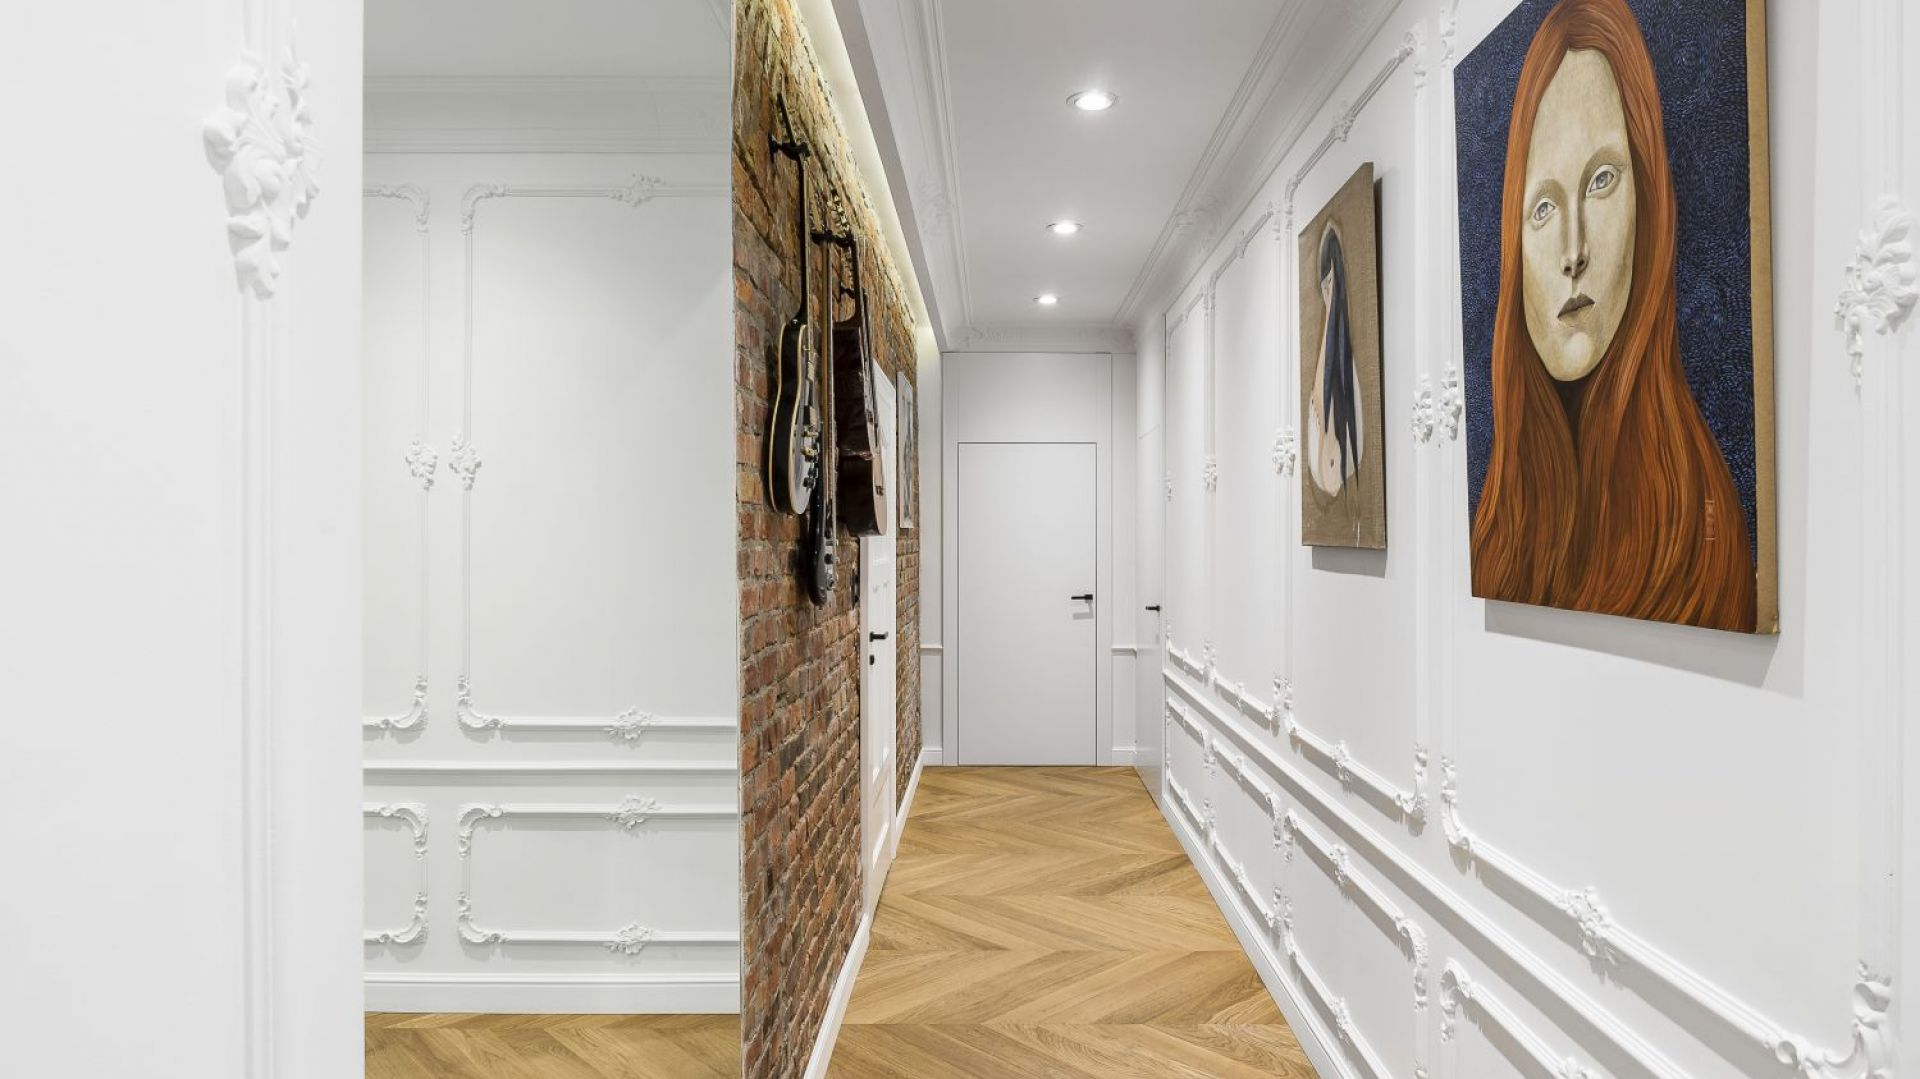 """Aranżacyjną kropką nad """"i"""" są natomiast kolekcjonowane przez właścicieli dzieła sztuki. Projekt: Anna Maria Sokołowska. Fot. Foto&Mohito"""